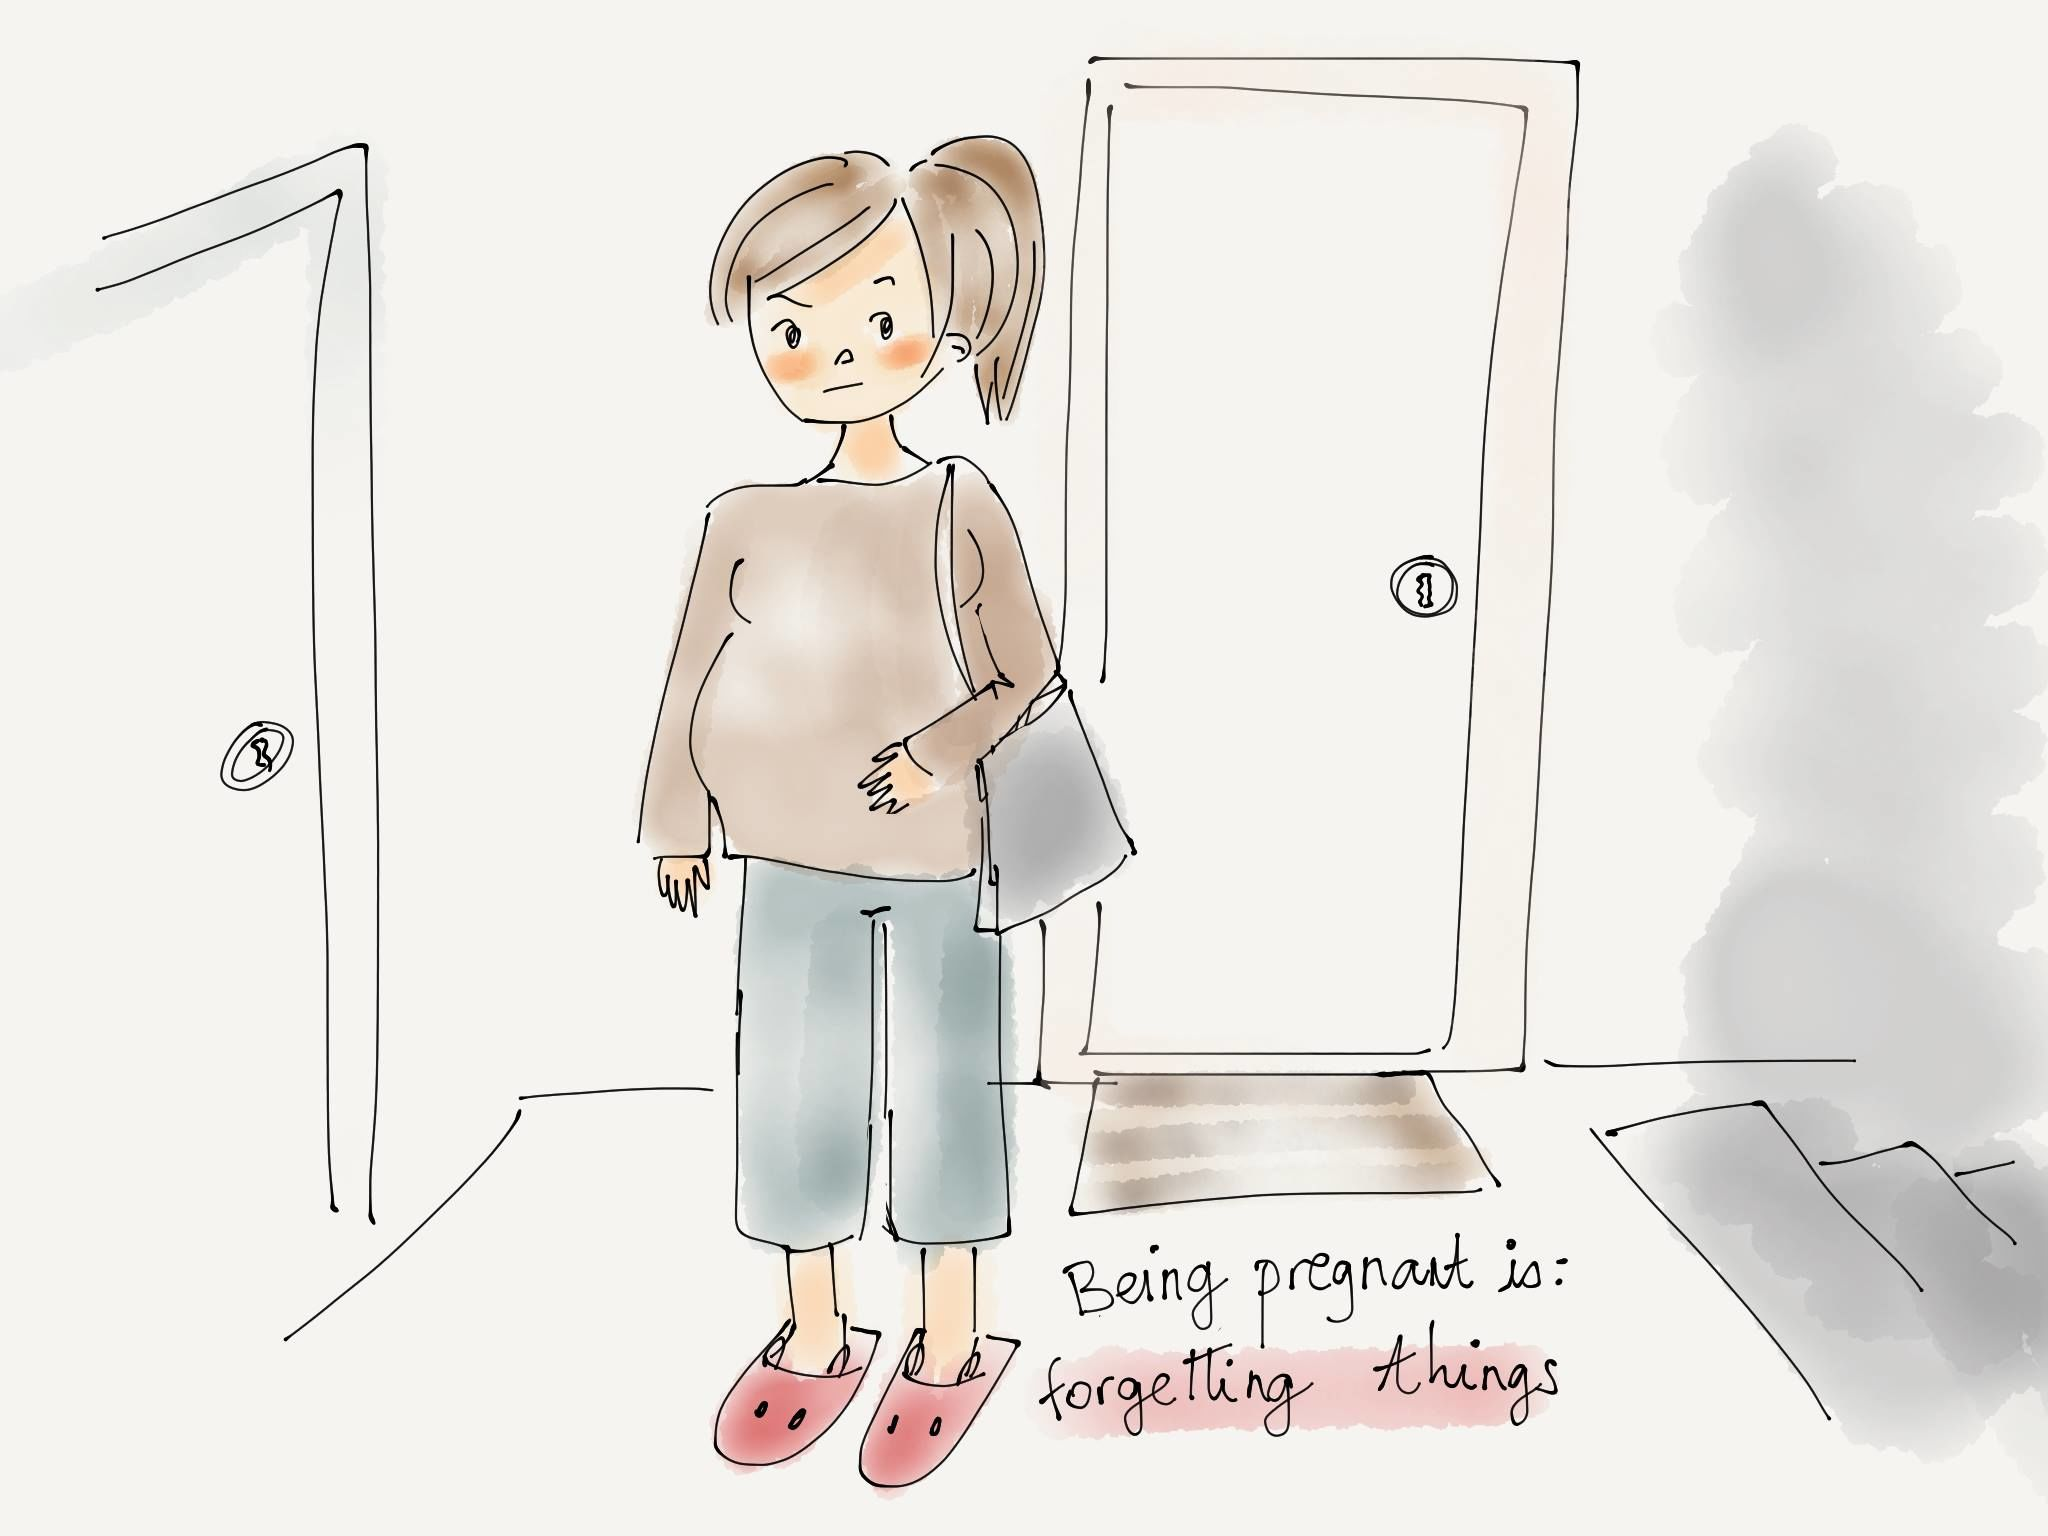 「妊娠は、新しいラブストーリーのはじまり」。キュートなイラストが話題に!